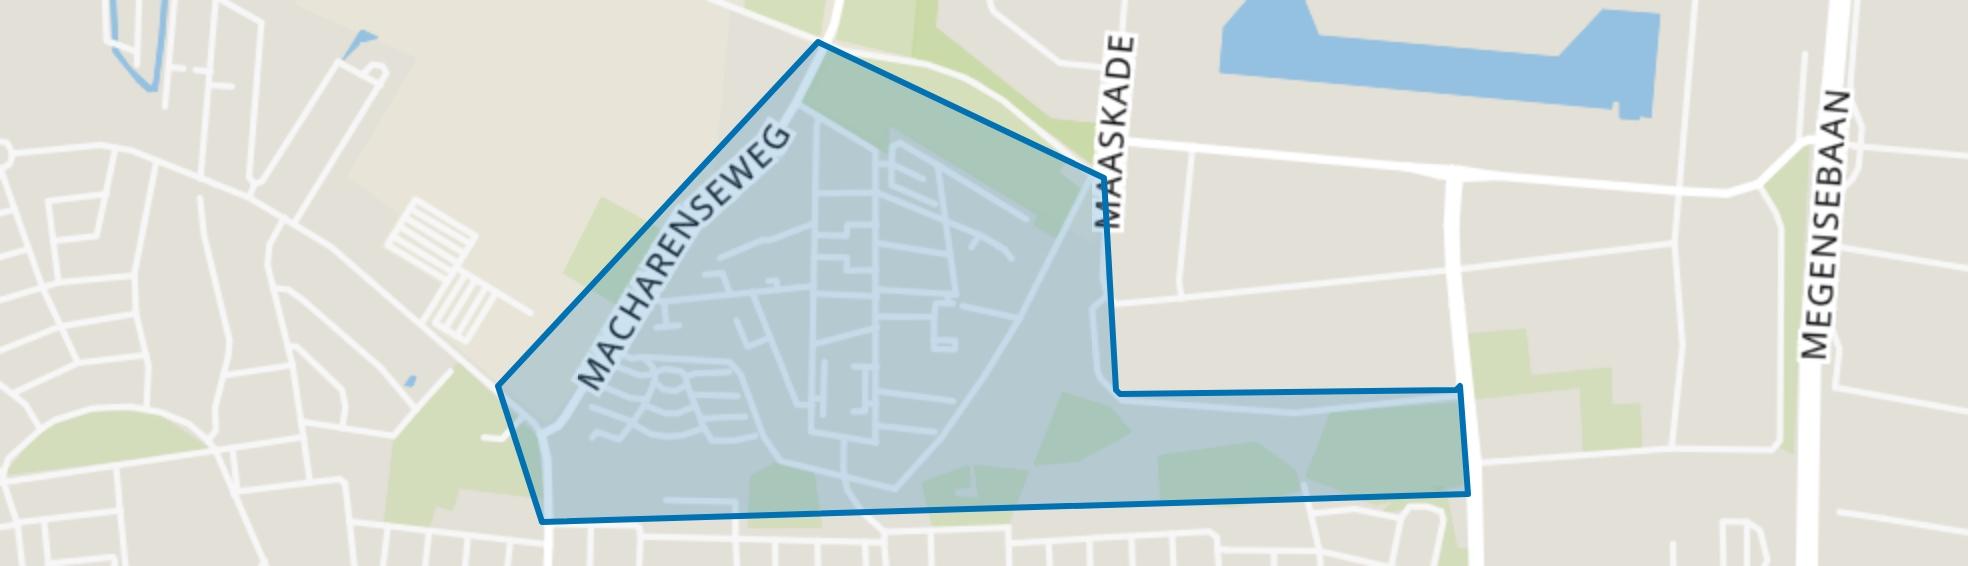 De Horzak, Oss map